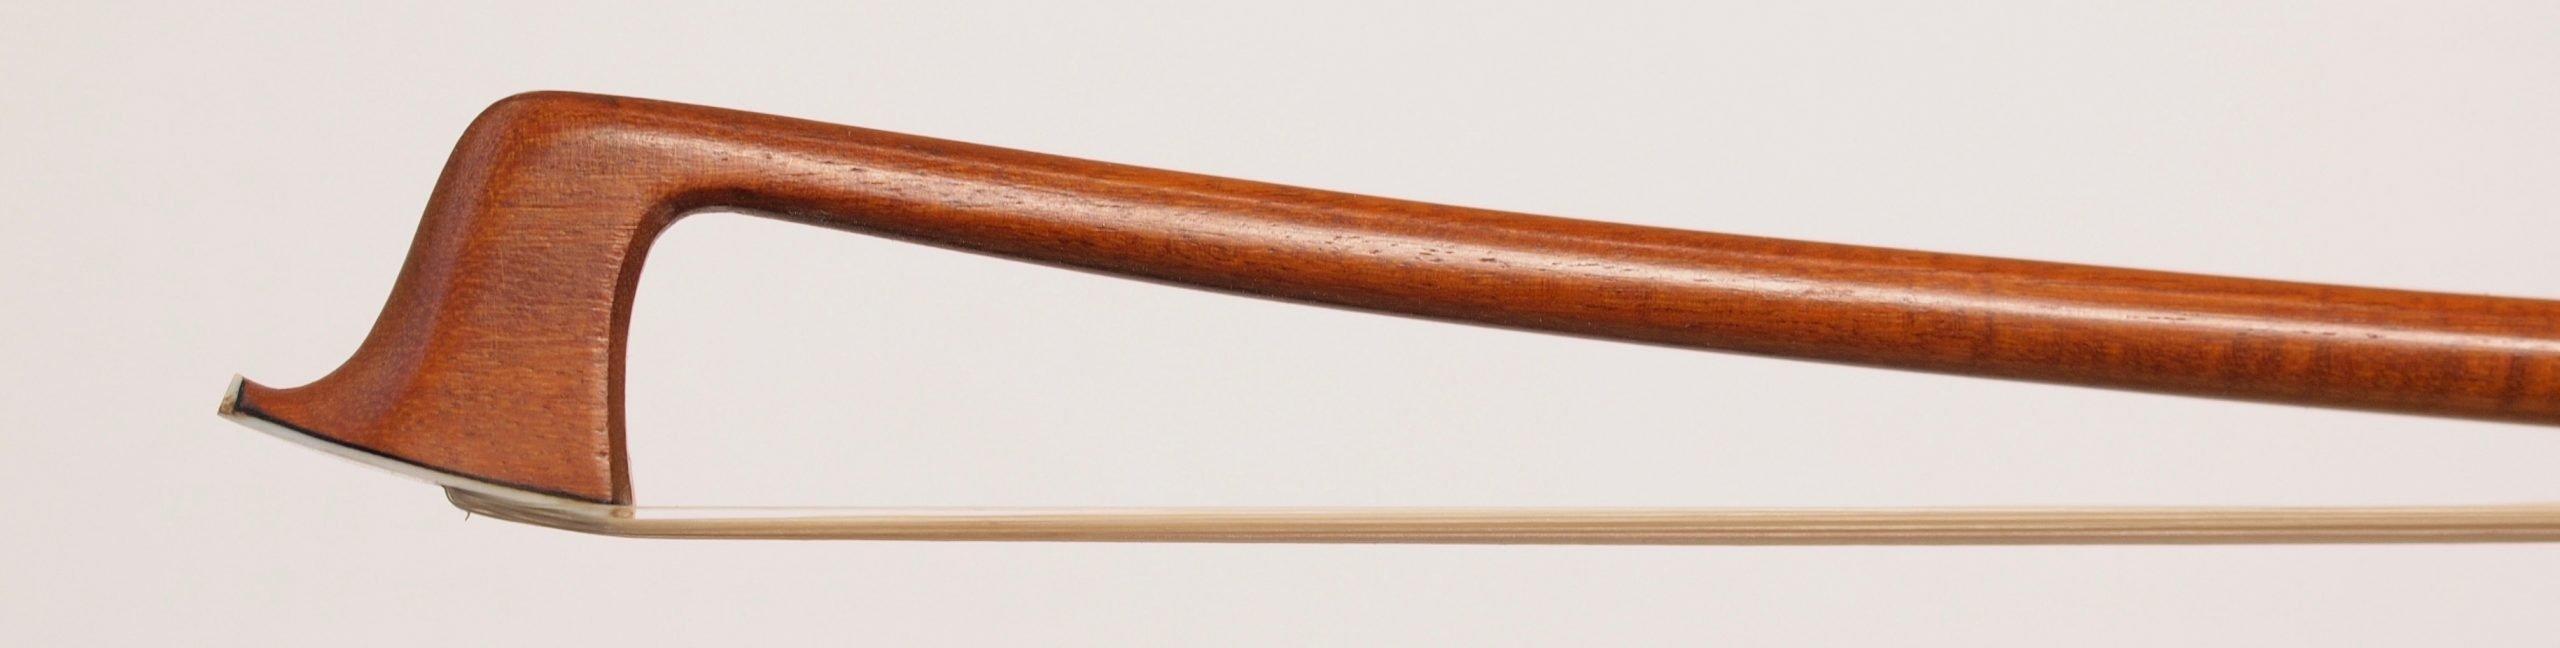 Viola bow Francois Lotte